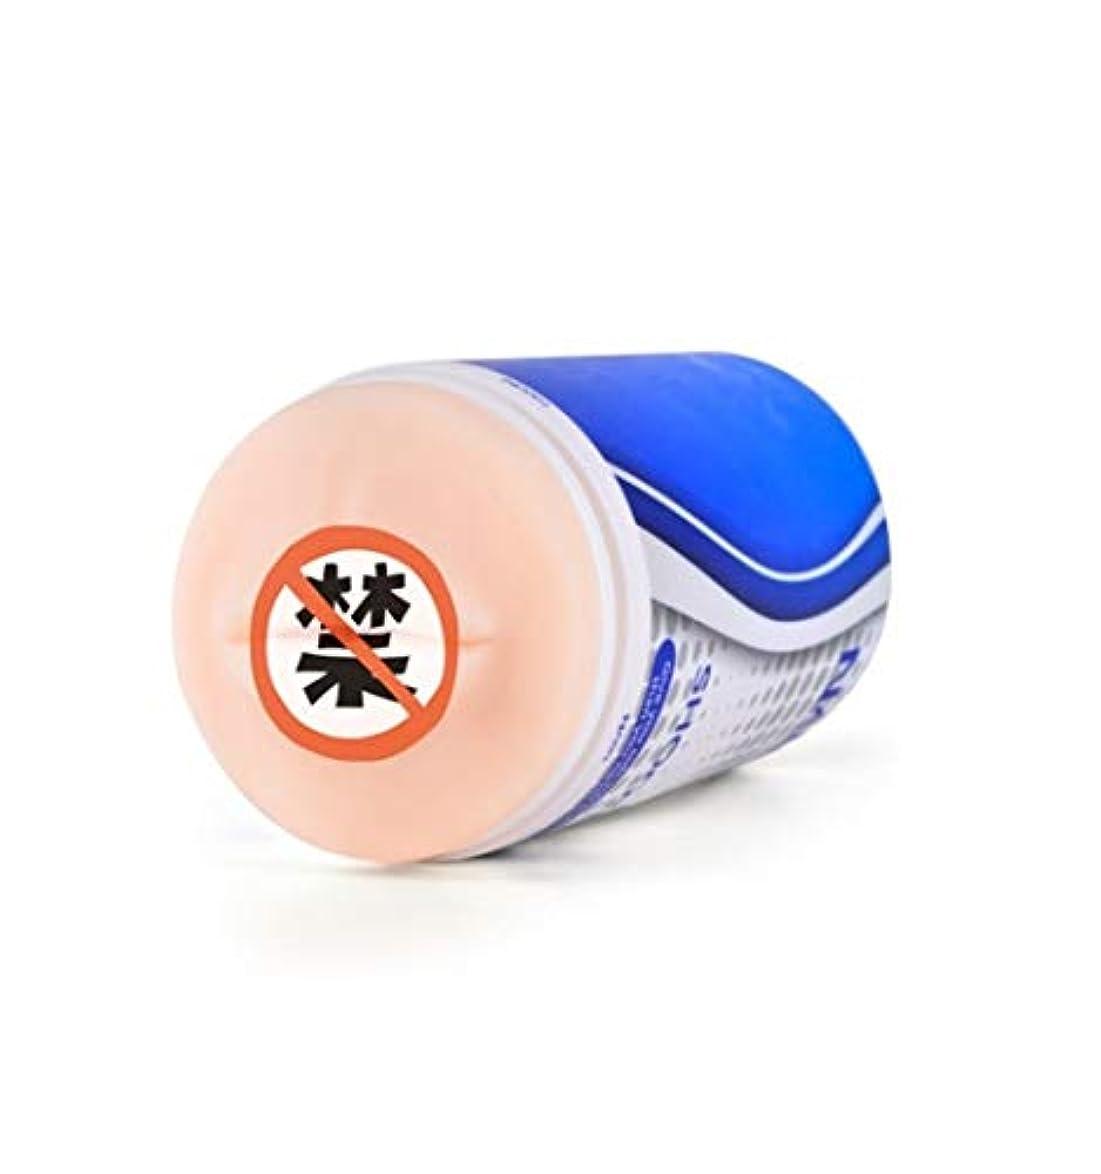 アクセシブルデンマーク語気を散らすメンズ自動カップマルチバイブレーションモードディープエレクトリックリラクゼーションマッサージャーはメンズおもちゃのための最高の贈り物です。 (Color : Blue)